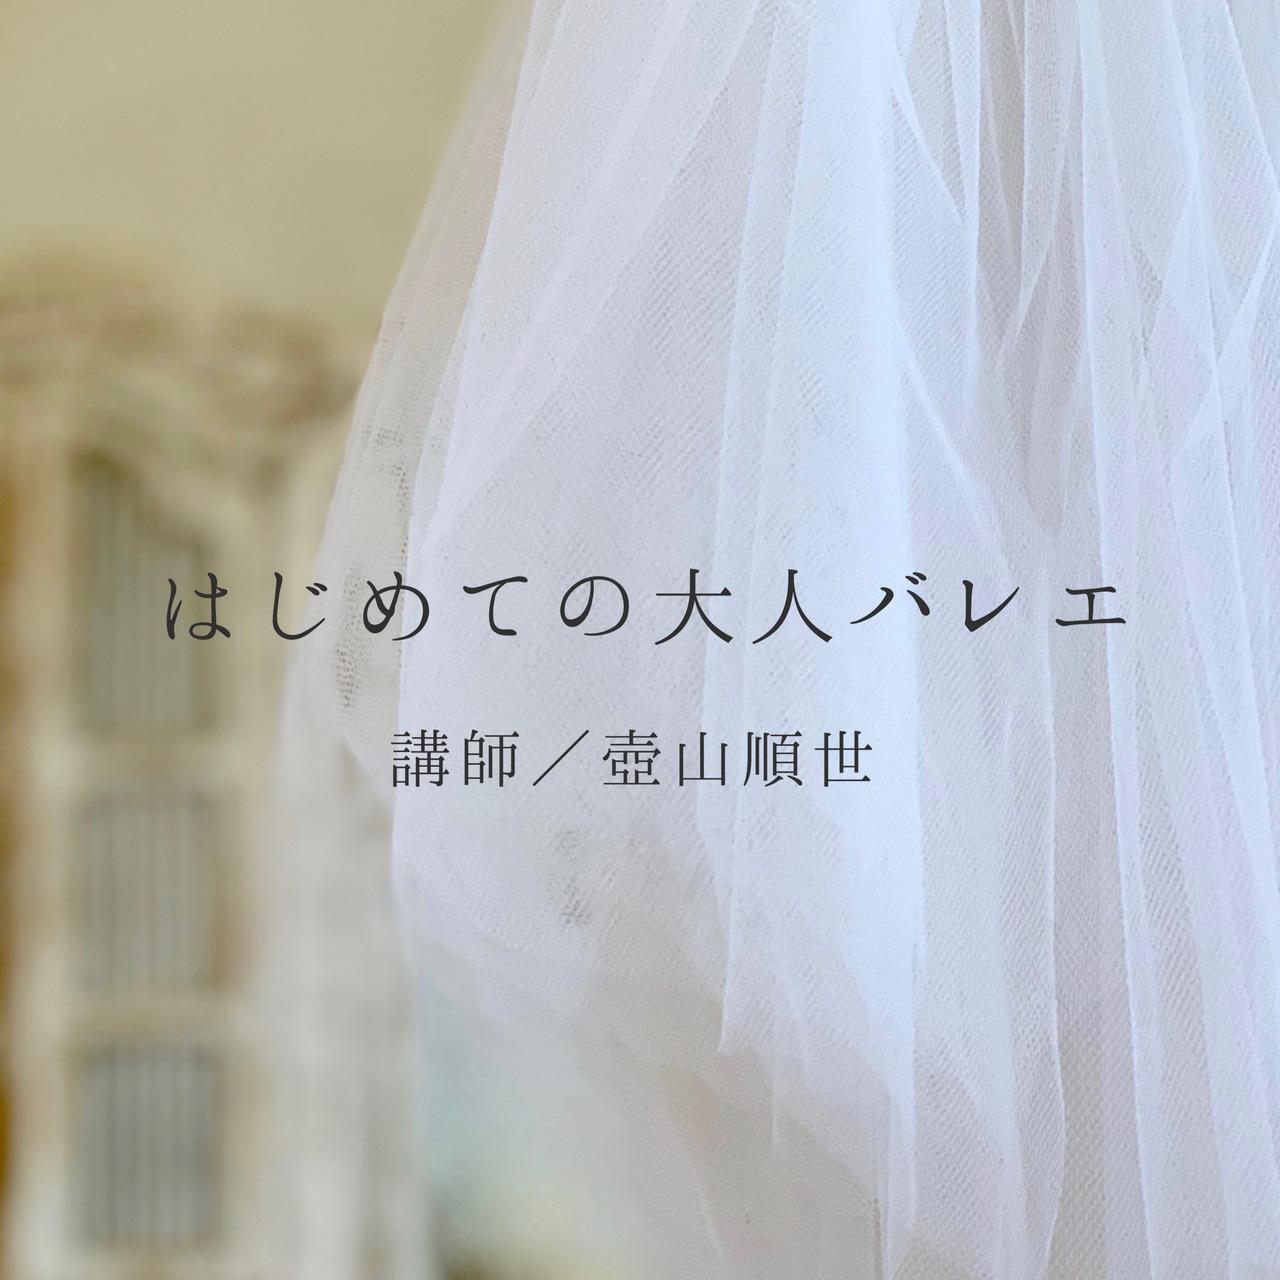 『はじめての大人バレエ』講師/壺山順世 (バレエがはじめての方・初心者さん対象)